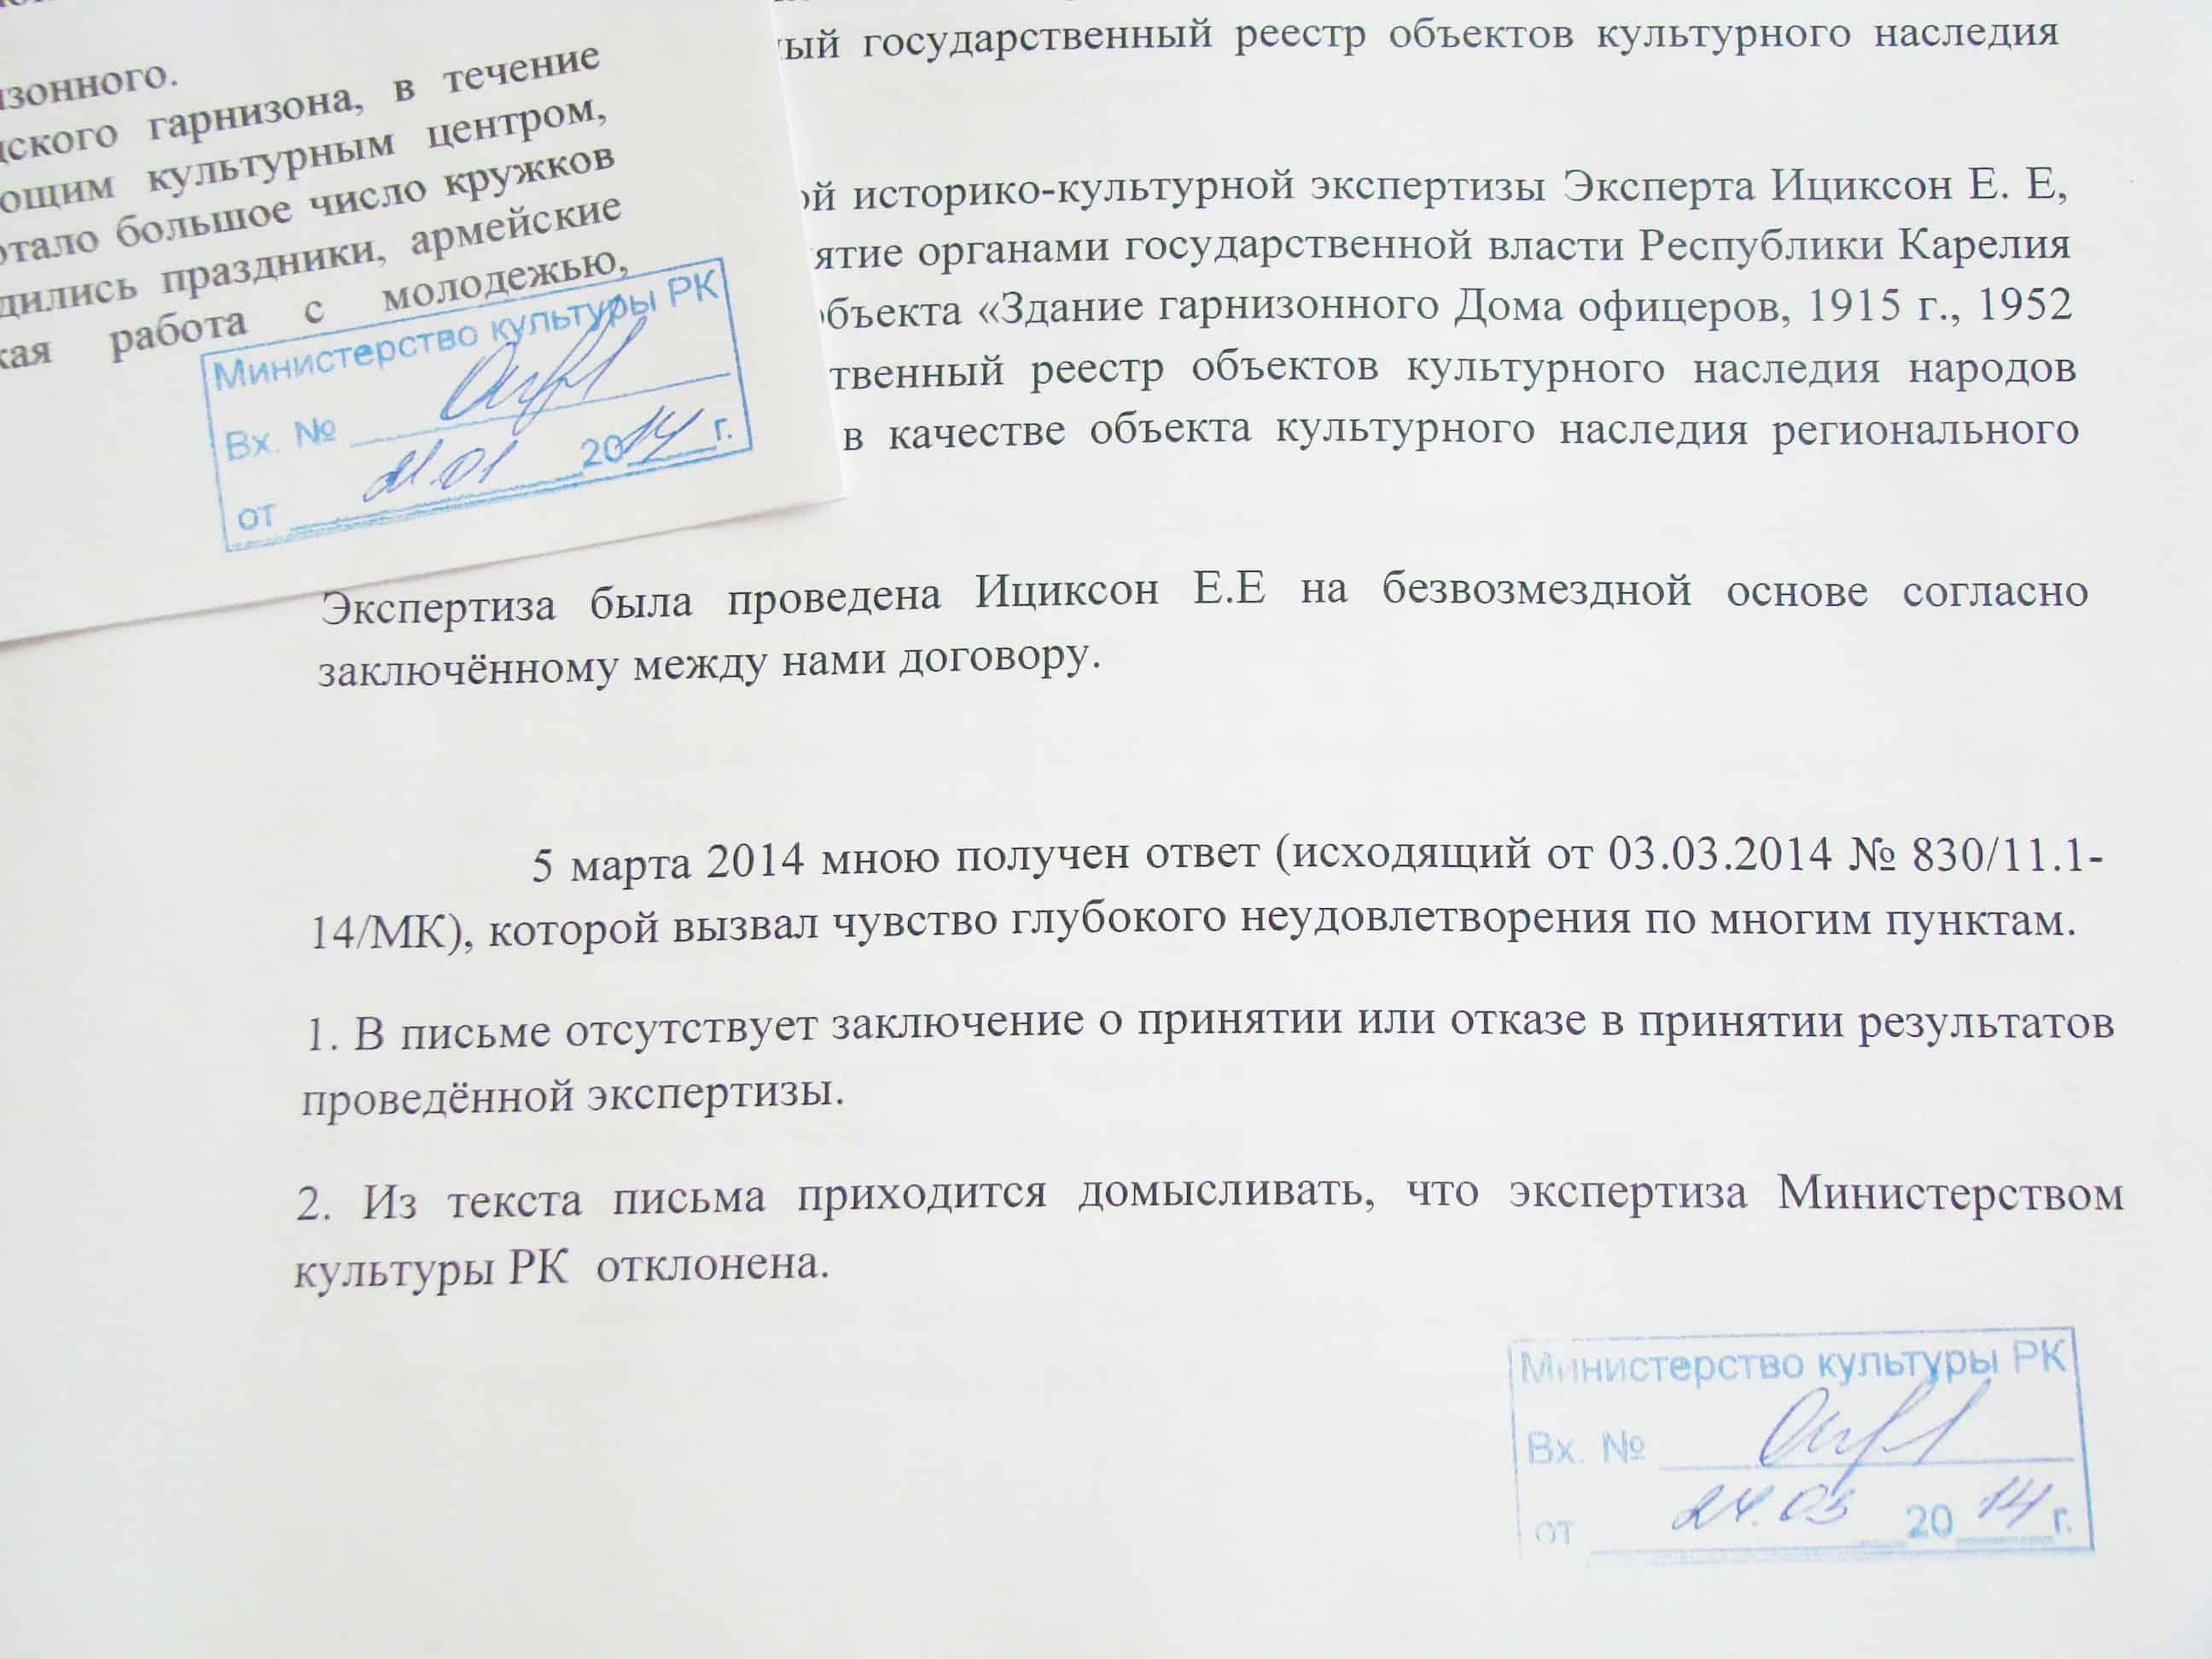 В ответе Министерства культуры РК нет даже главного заключения - так принята экспертиза по зданию Дома офицеров или нет?